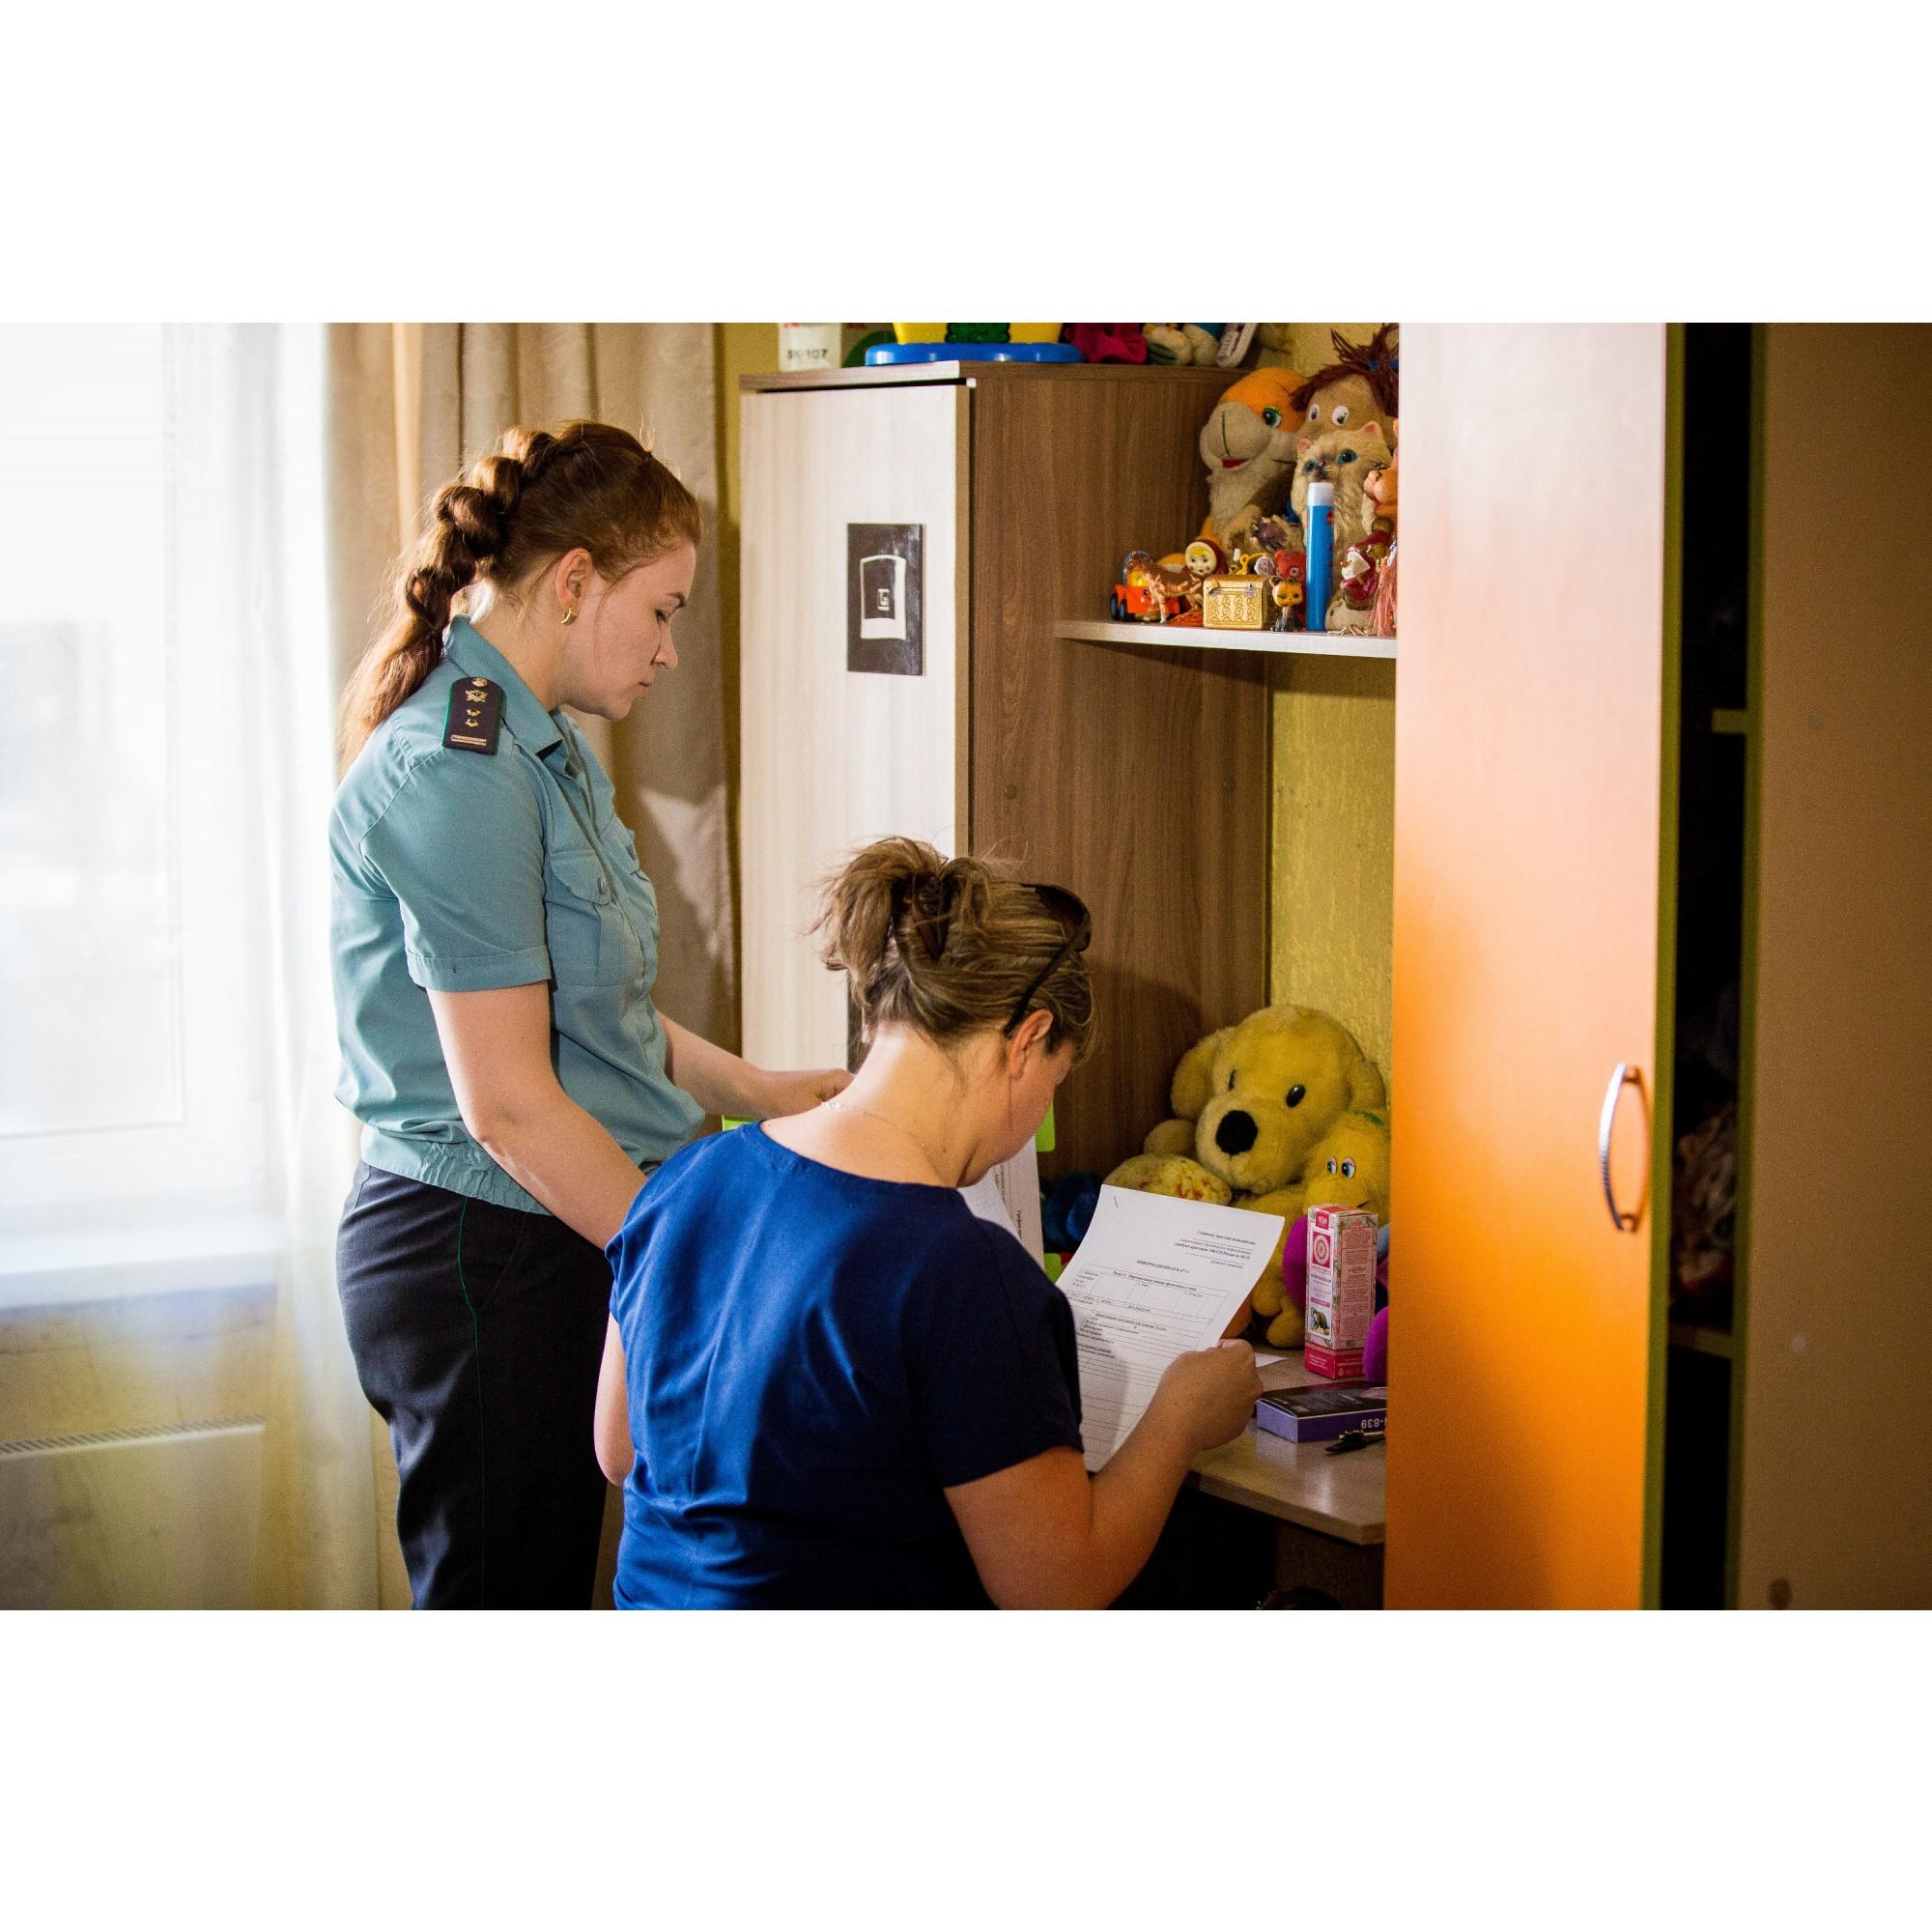 Из-за болезни, пьянства мужа и кредитов Ольге рекомендовали временно отдать детей в спецучреждение